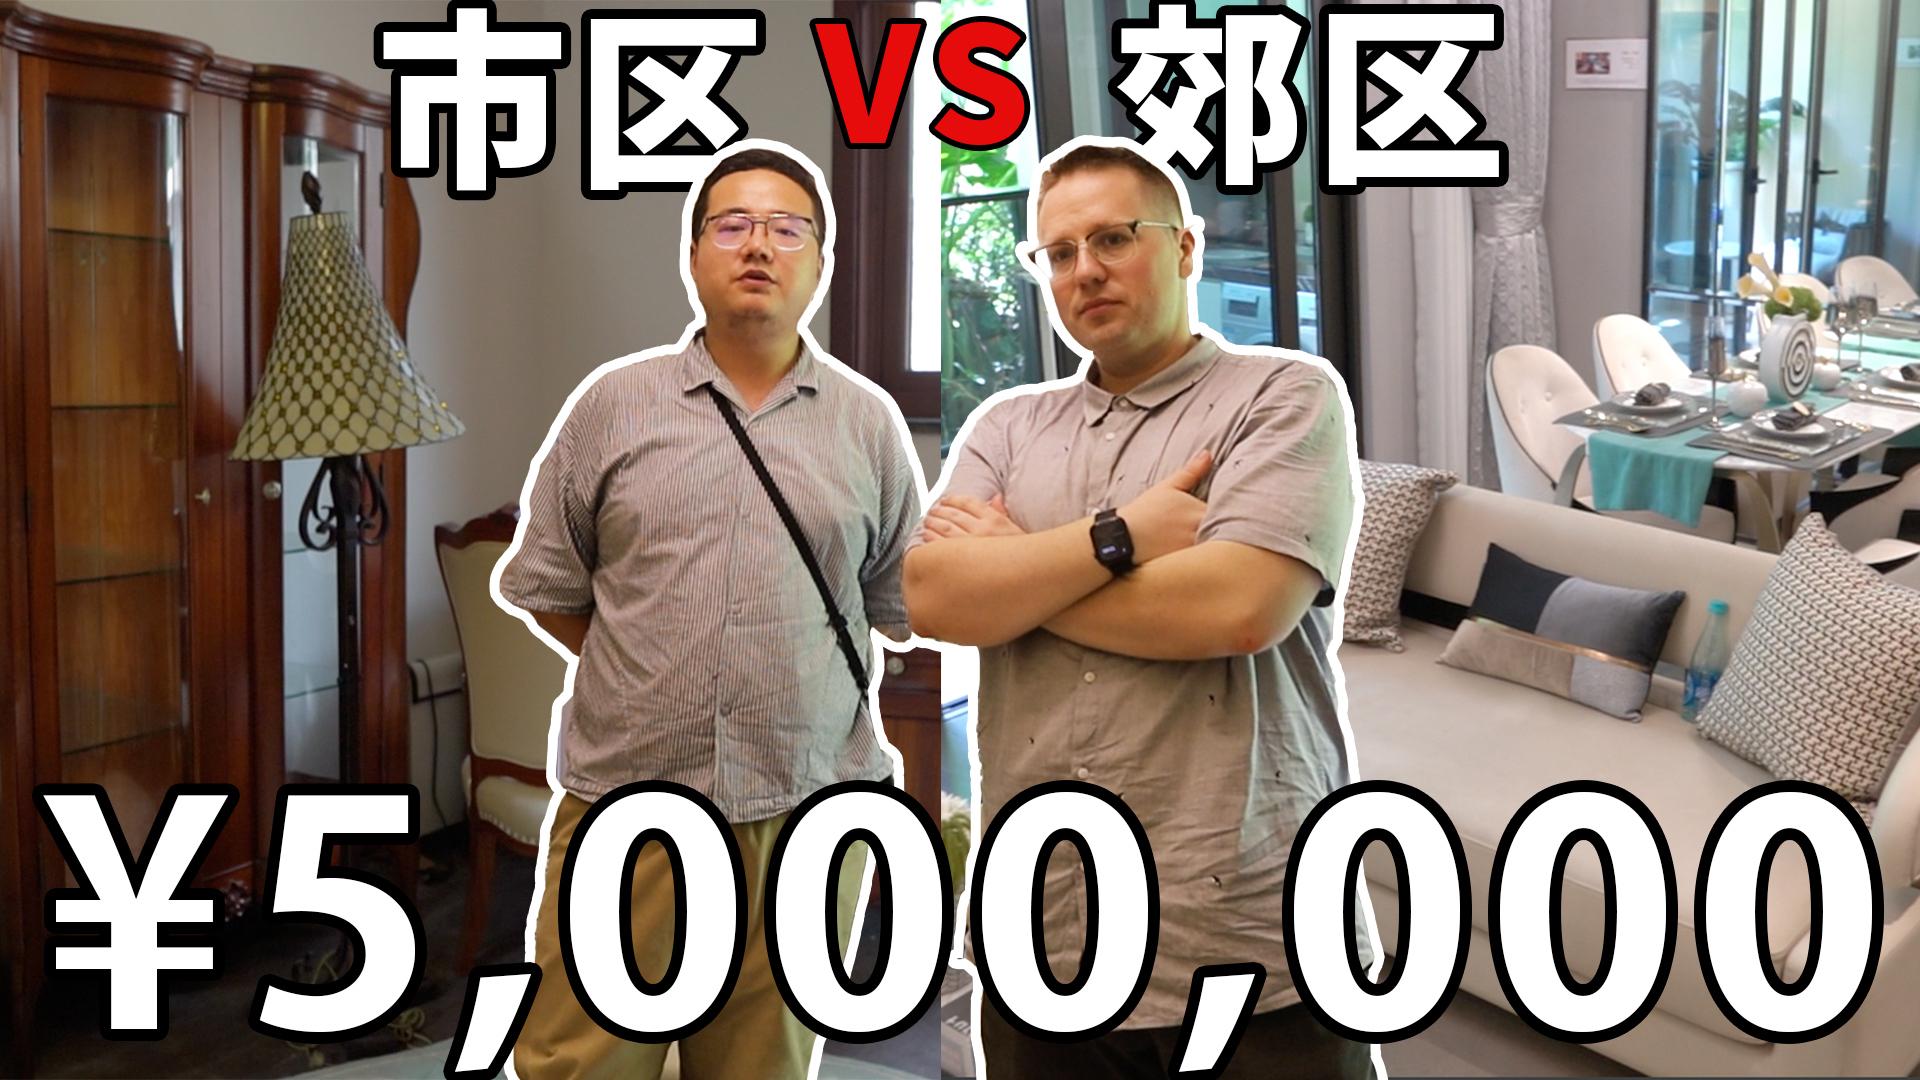 花500万元,在上海市区和郊区能买到什么样的房子?